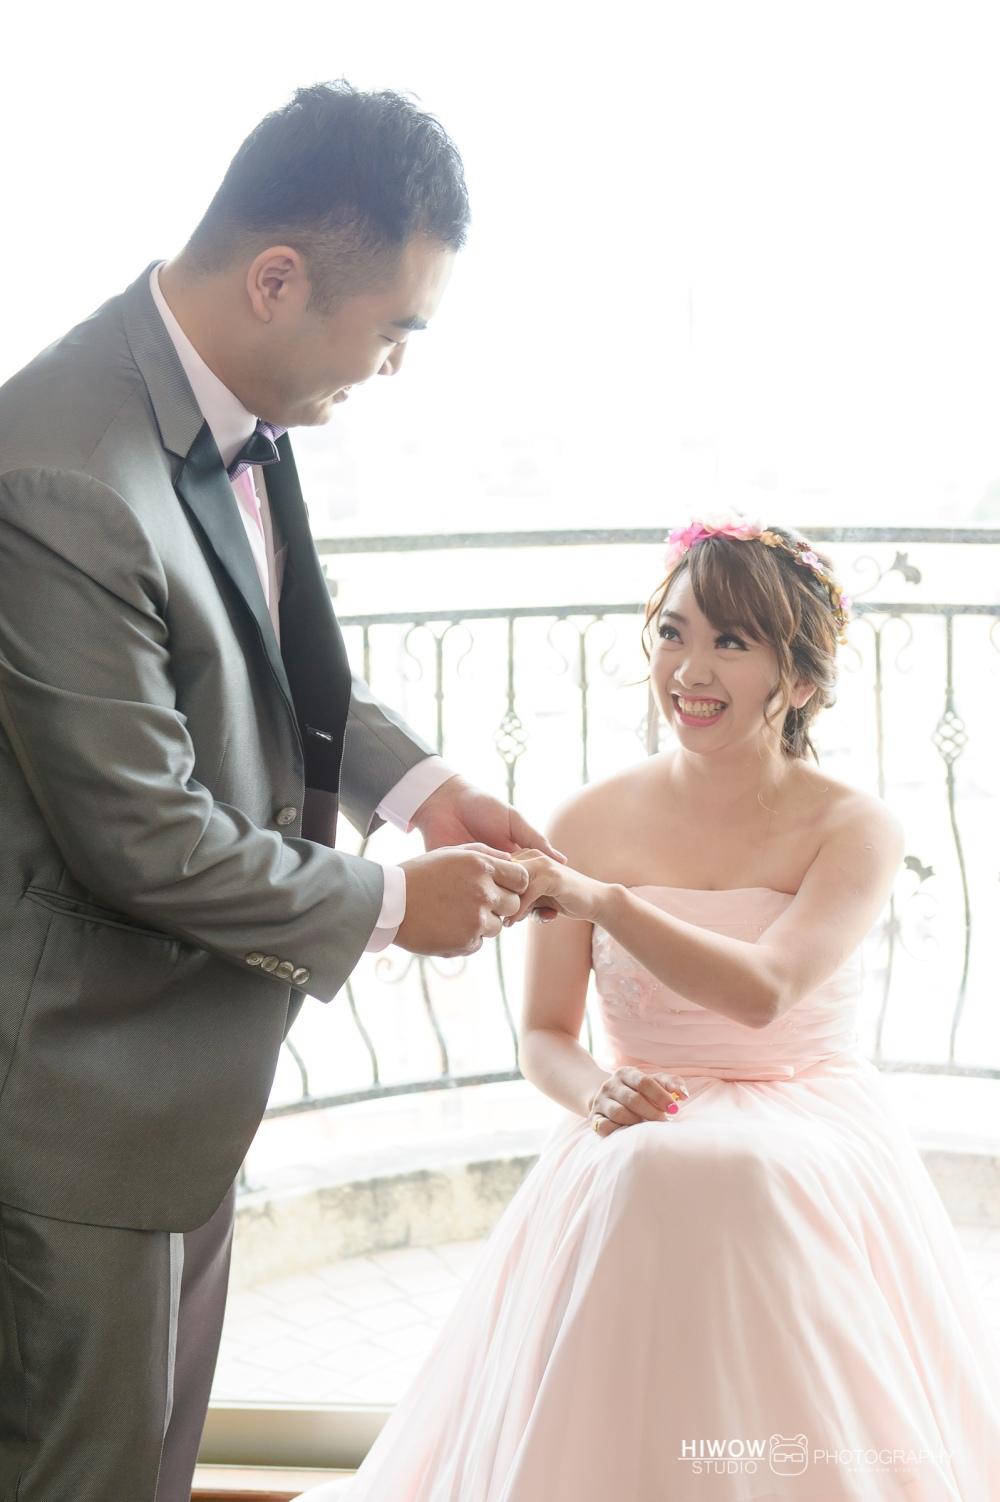 海蛙攝影:austin:hiwal.studio:婚攝:自助婚紗:婚禮紀錄:活動紀錄:淡水:福格飯店:富基采儷婚宴會館29